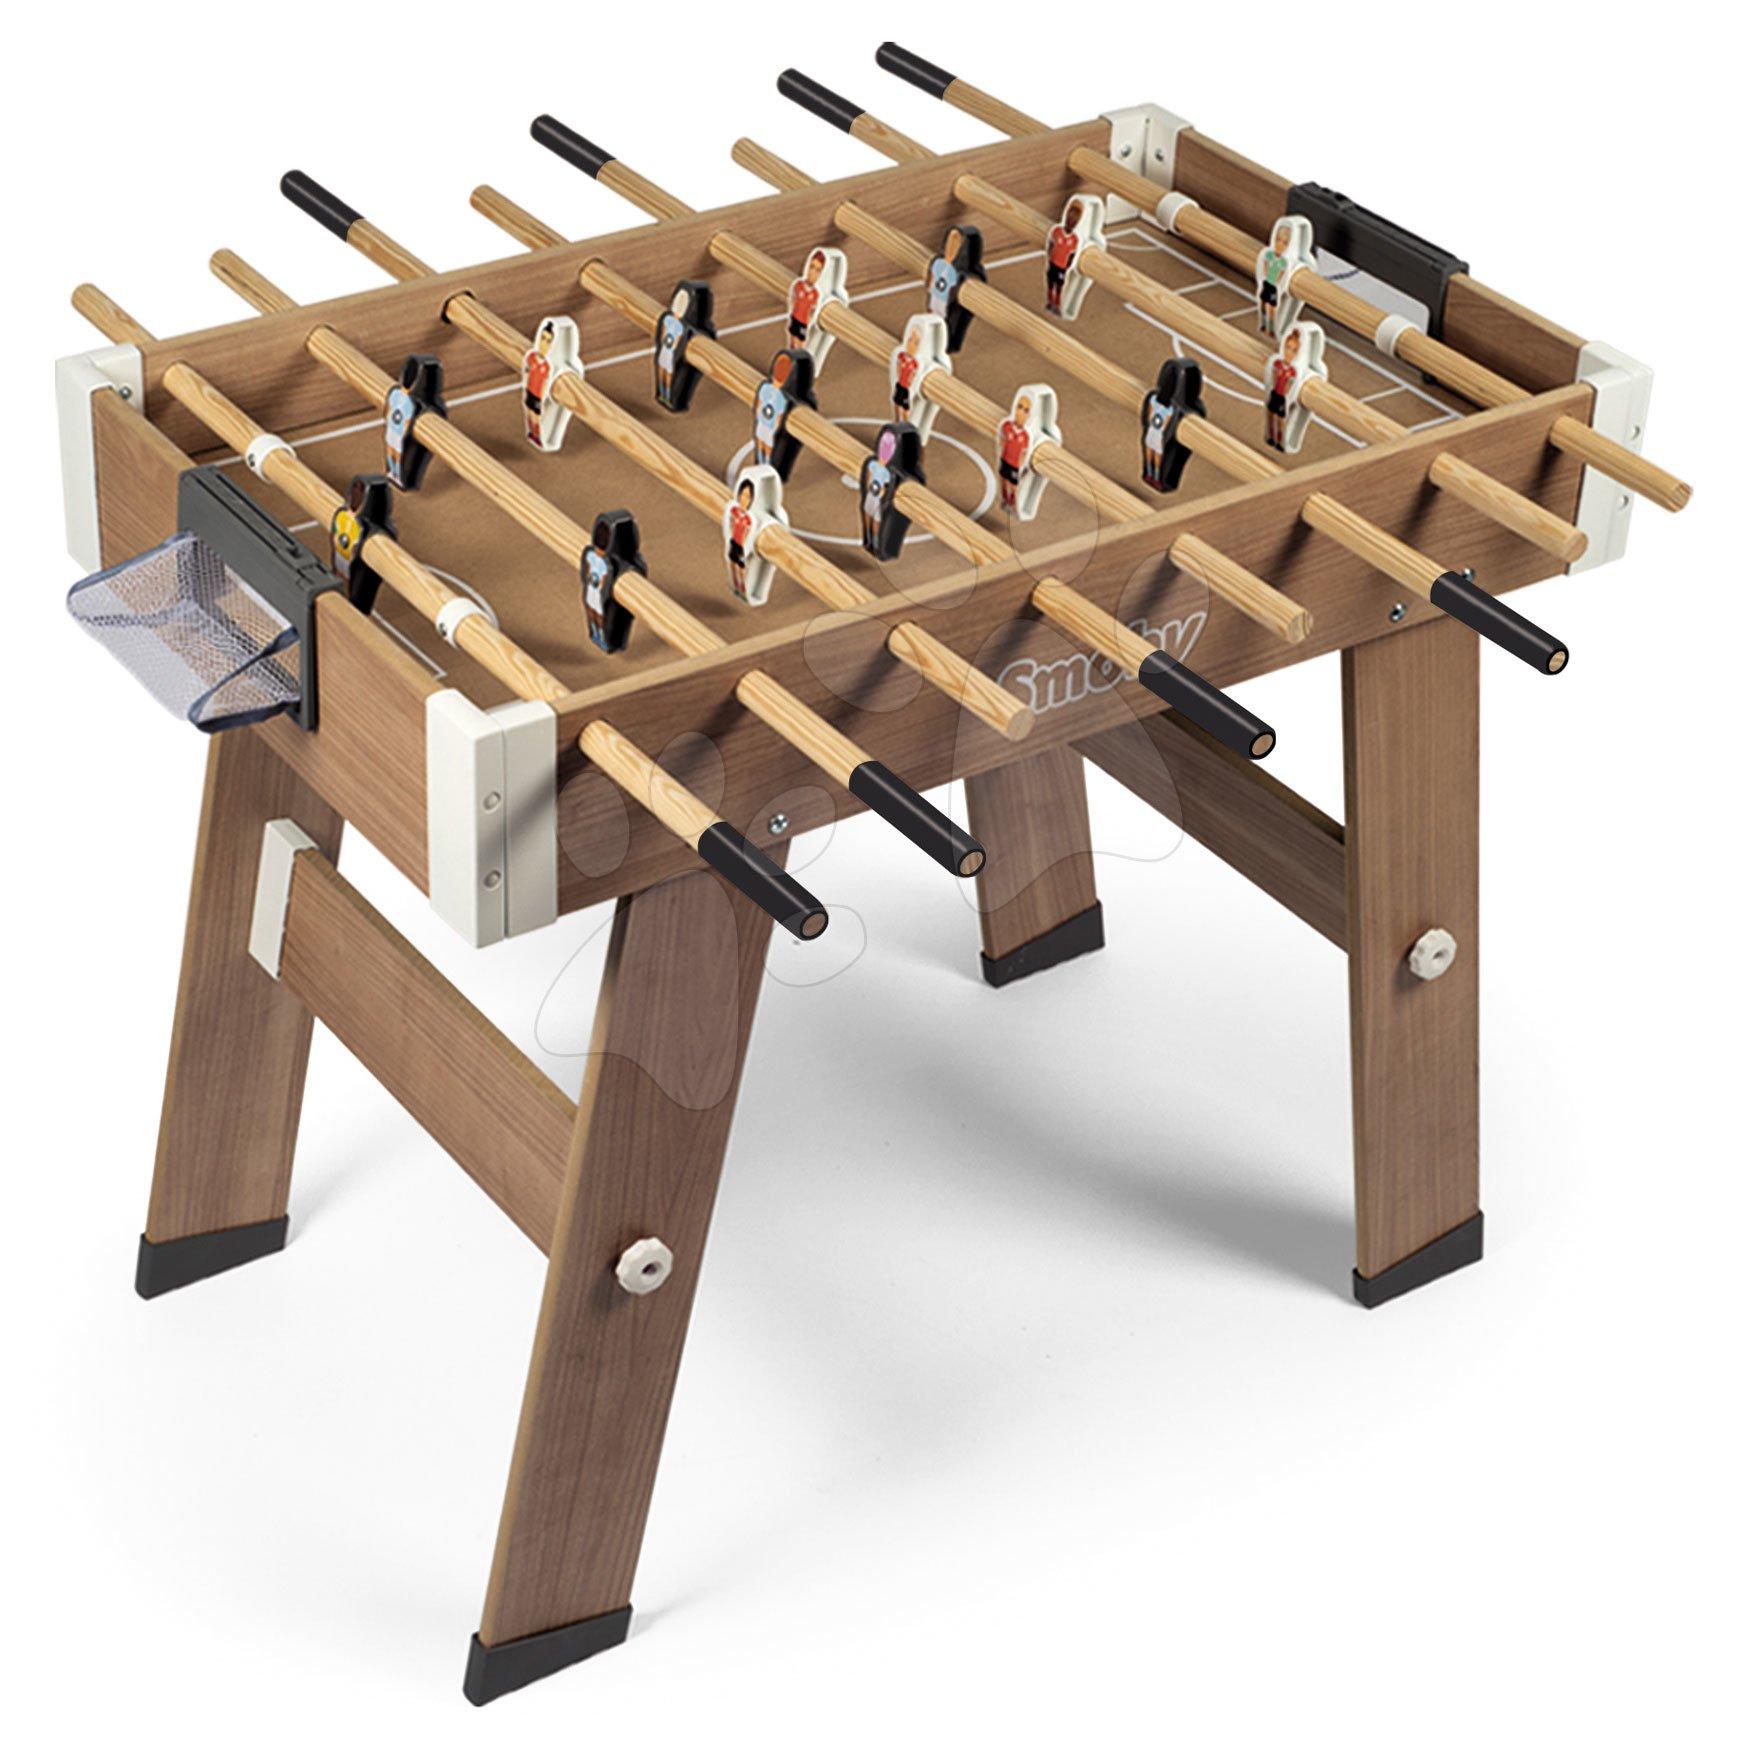 Dřevěný fotbalový stůl Click&Goal Soccer Table Smoby skládací a rozkládací za 10 minut s 2 míčky od 8 let